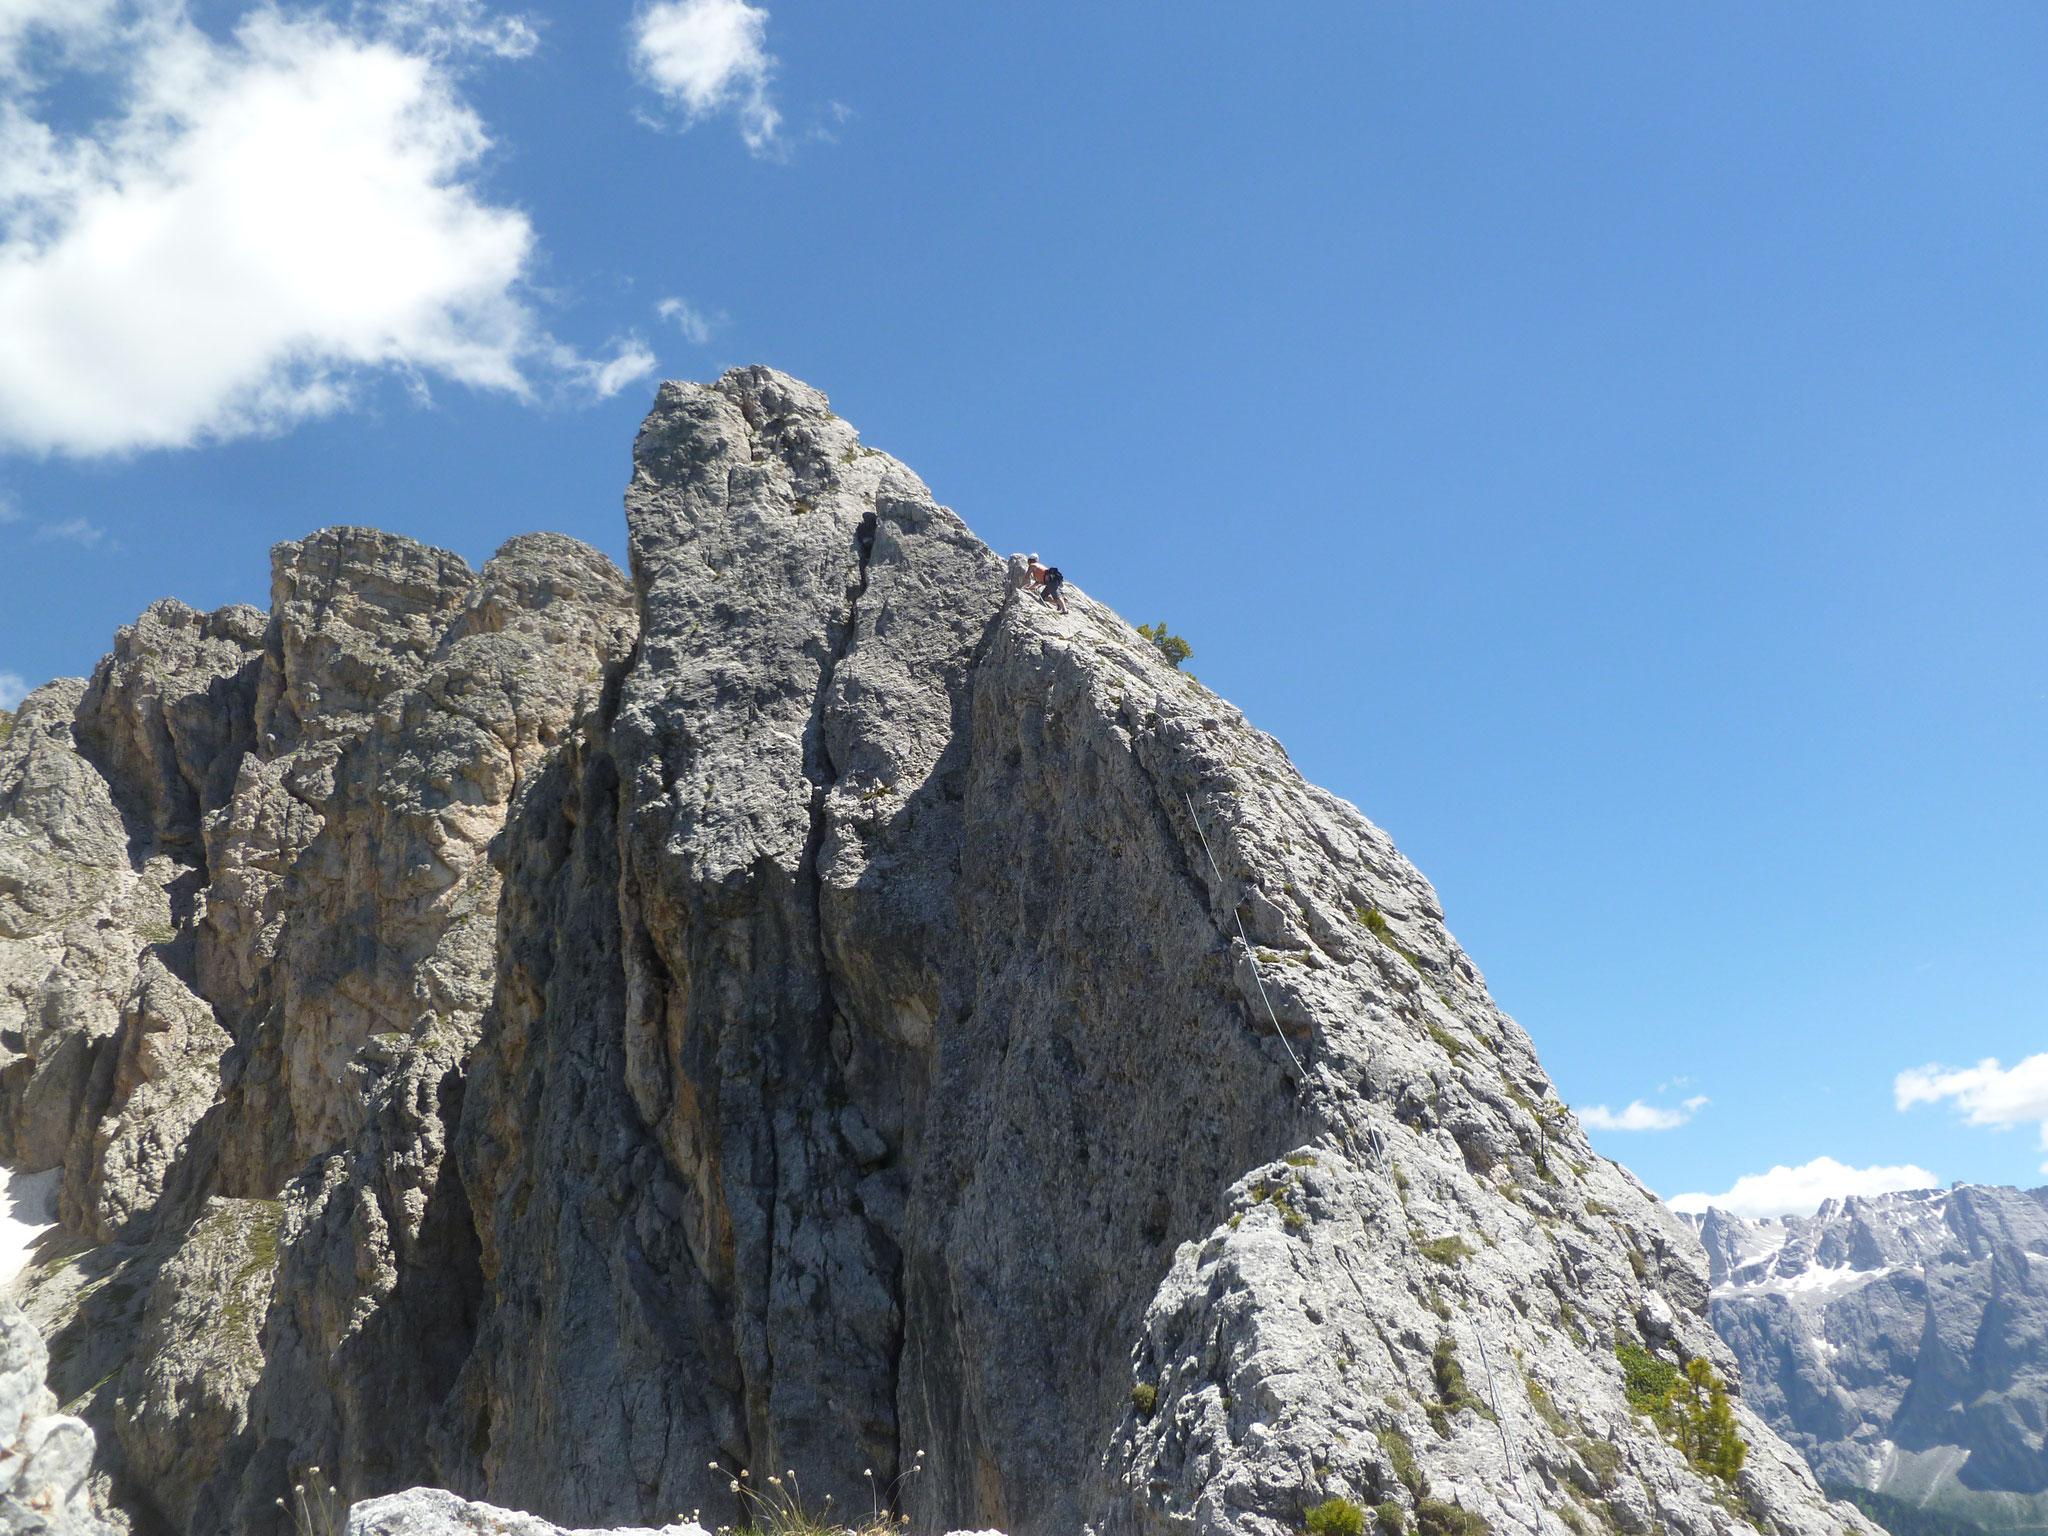 Diese Eleganz! Diese Furchtlosigkeit! Eindeutig die Alpinschnecke!